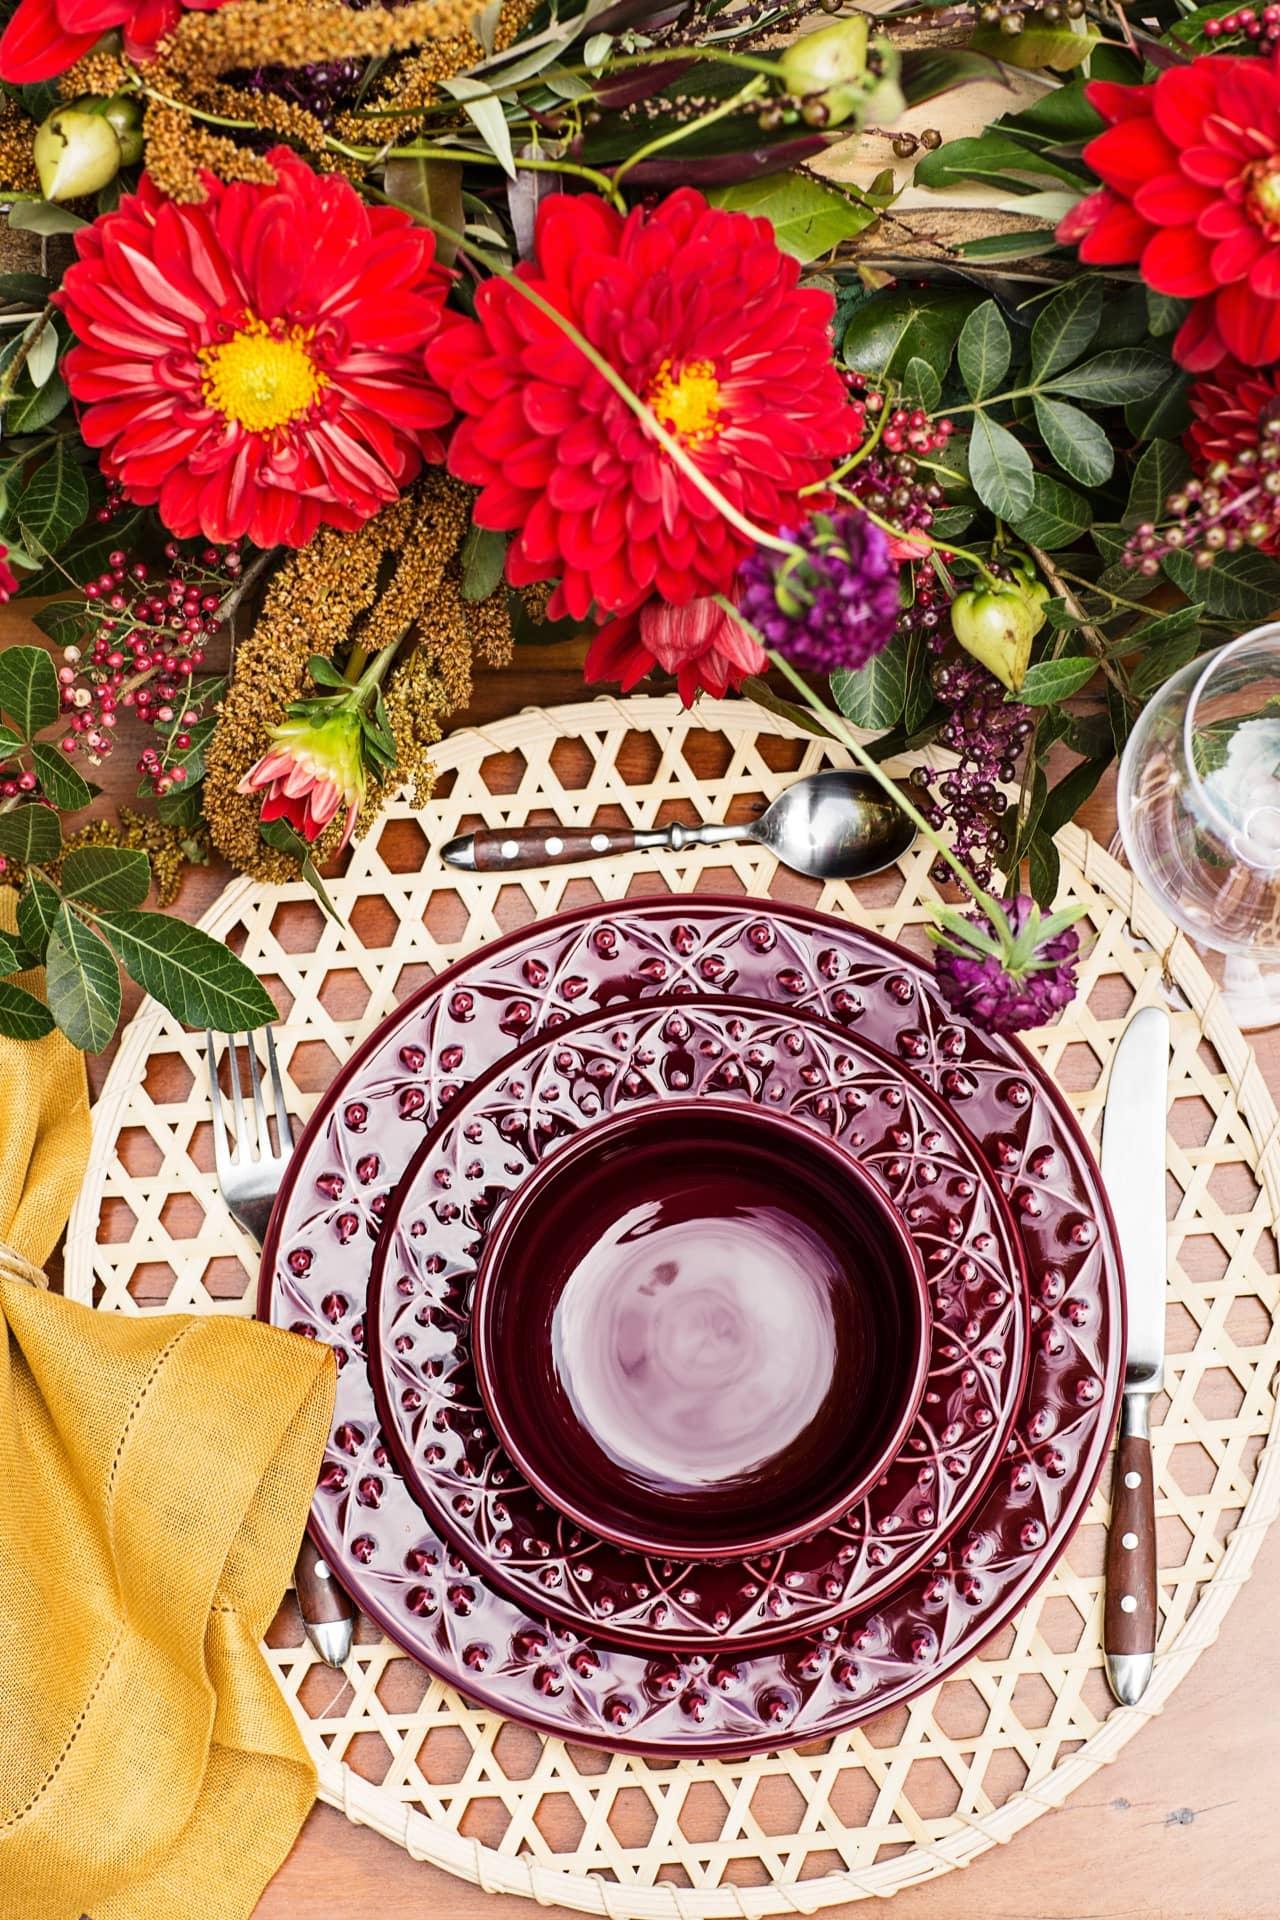 Imagem: Para o astral de Fogo, uma das sugestões de presentes de Dia das Mães é o Mendi Corvina. O relevo das bordas é inspirado nas pinturas de henna. Foto: Elisa Correa.